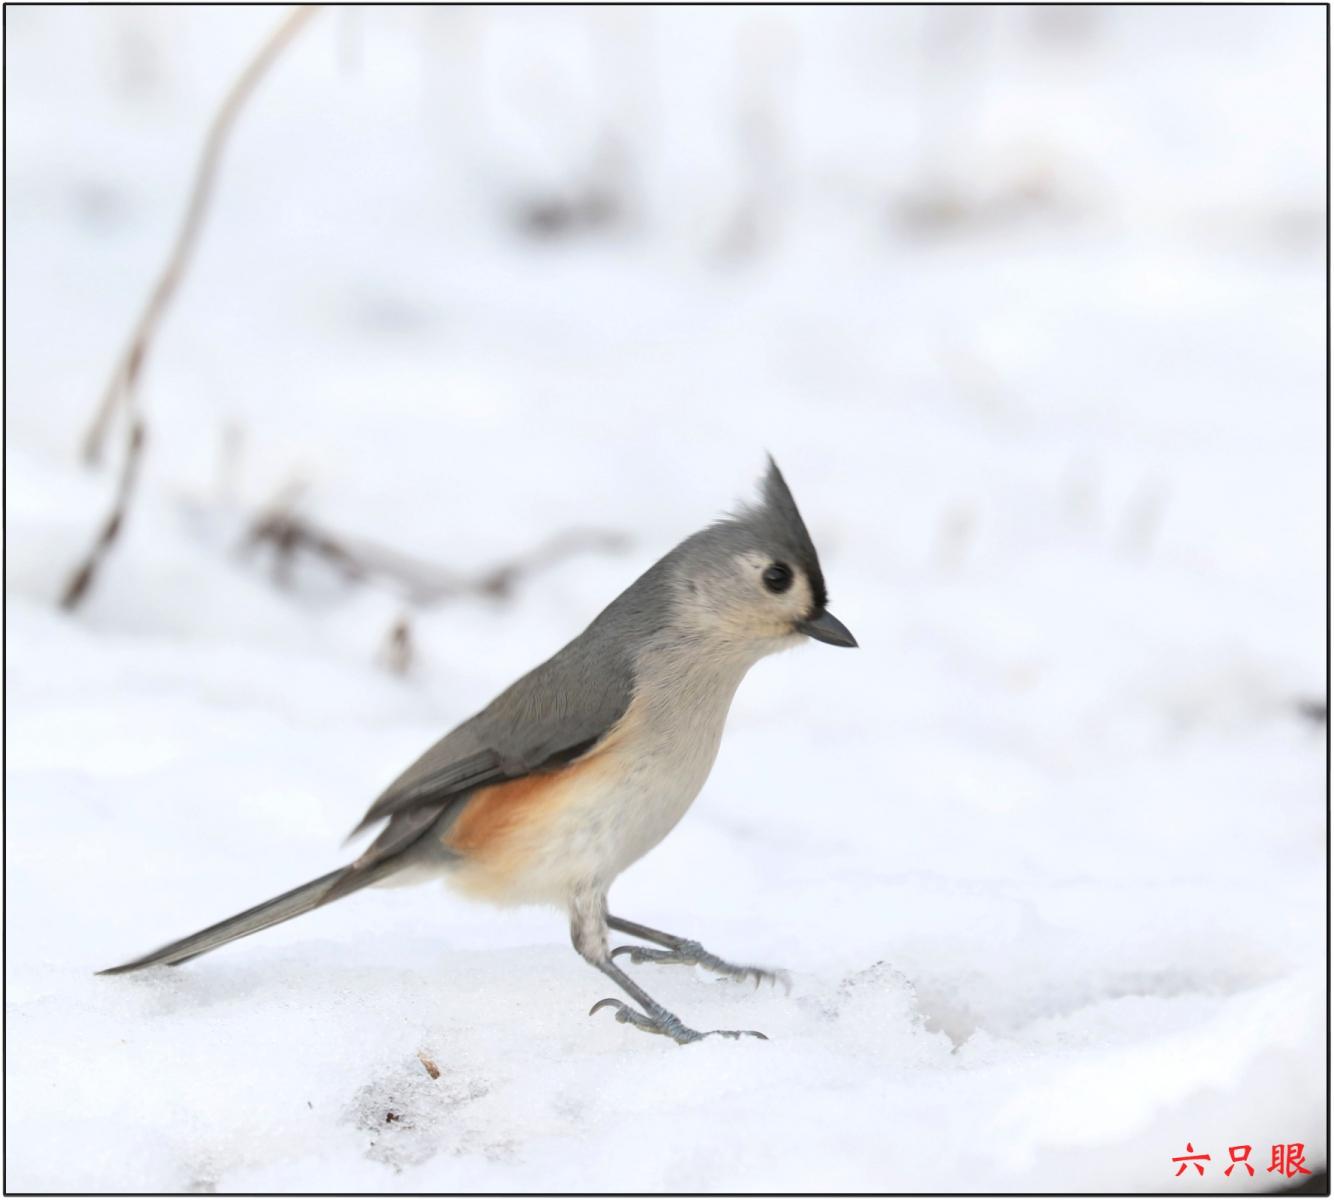 六只眼:雪中小鸟觅食忙_图1-3